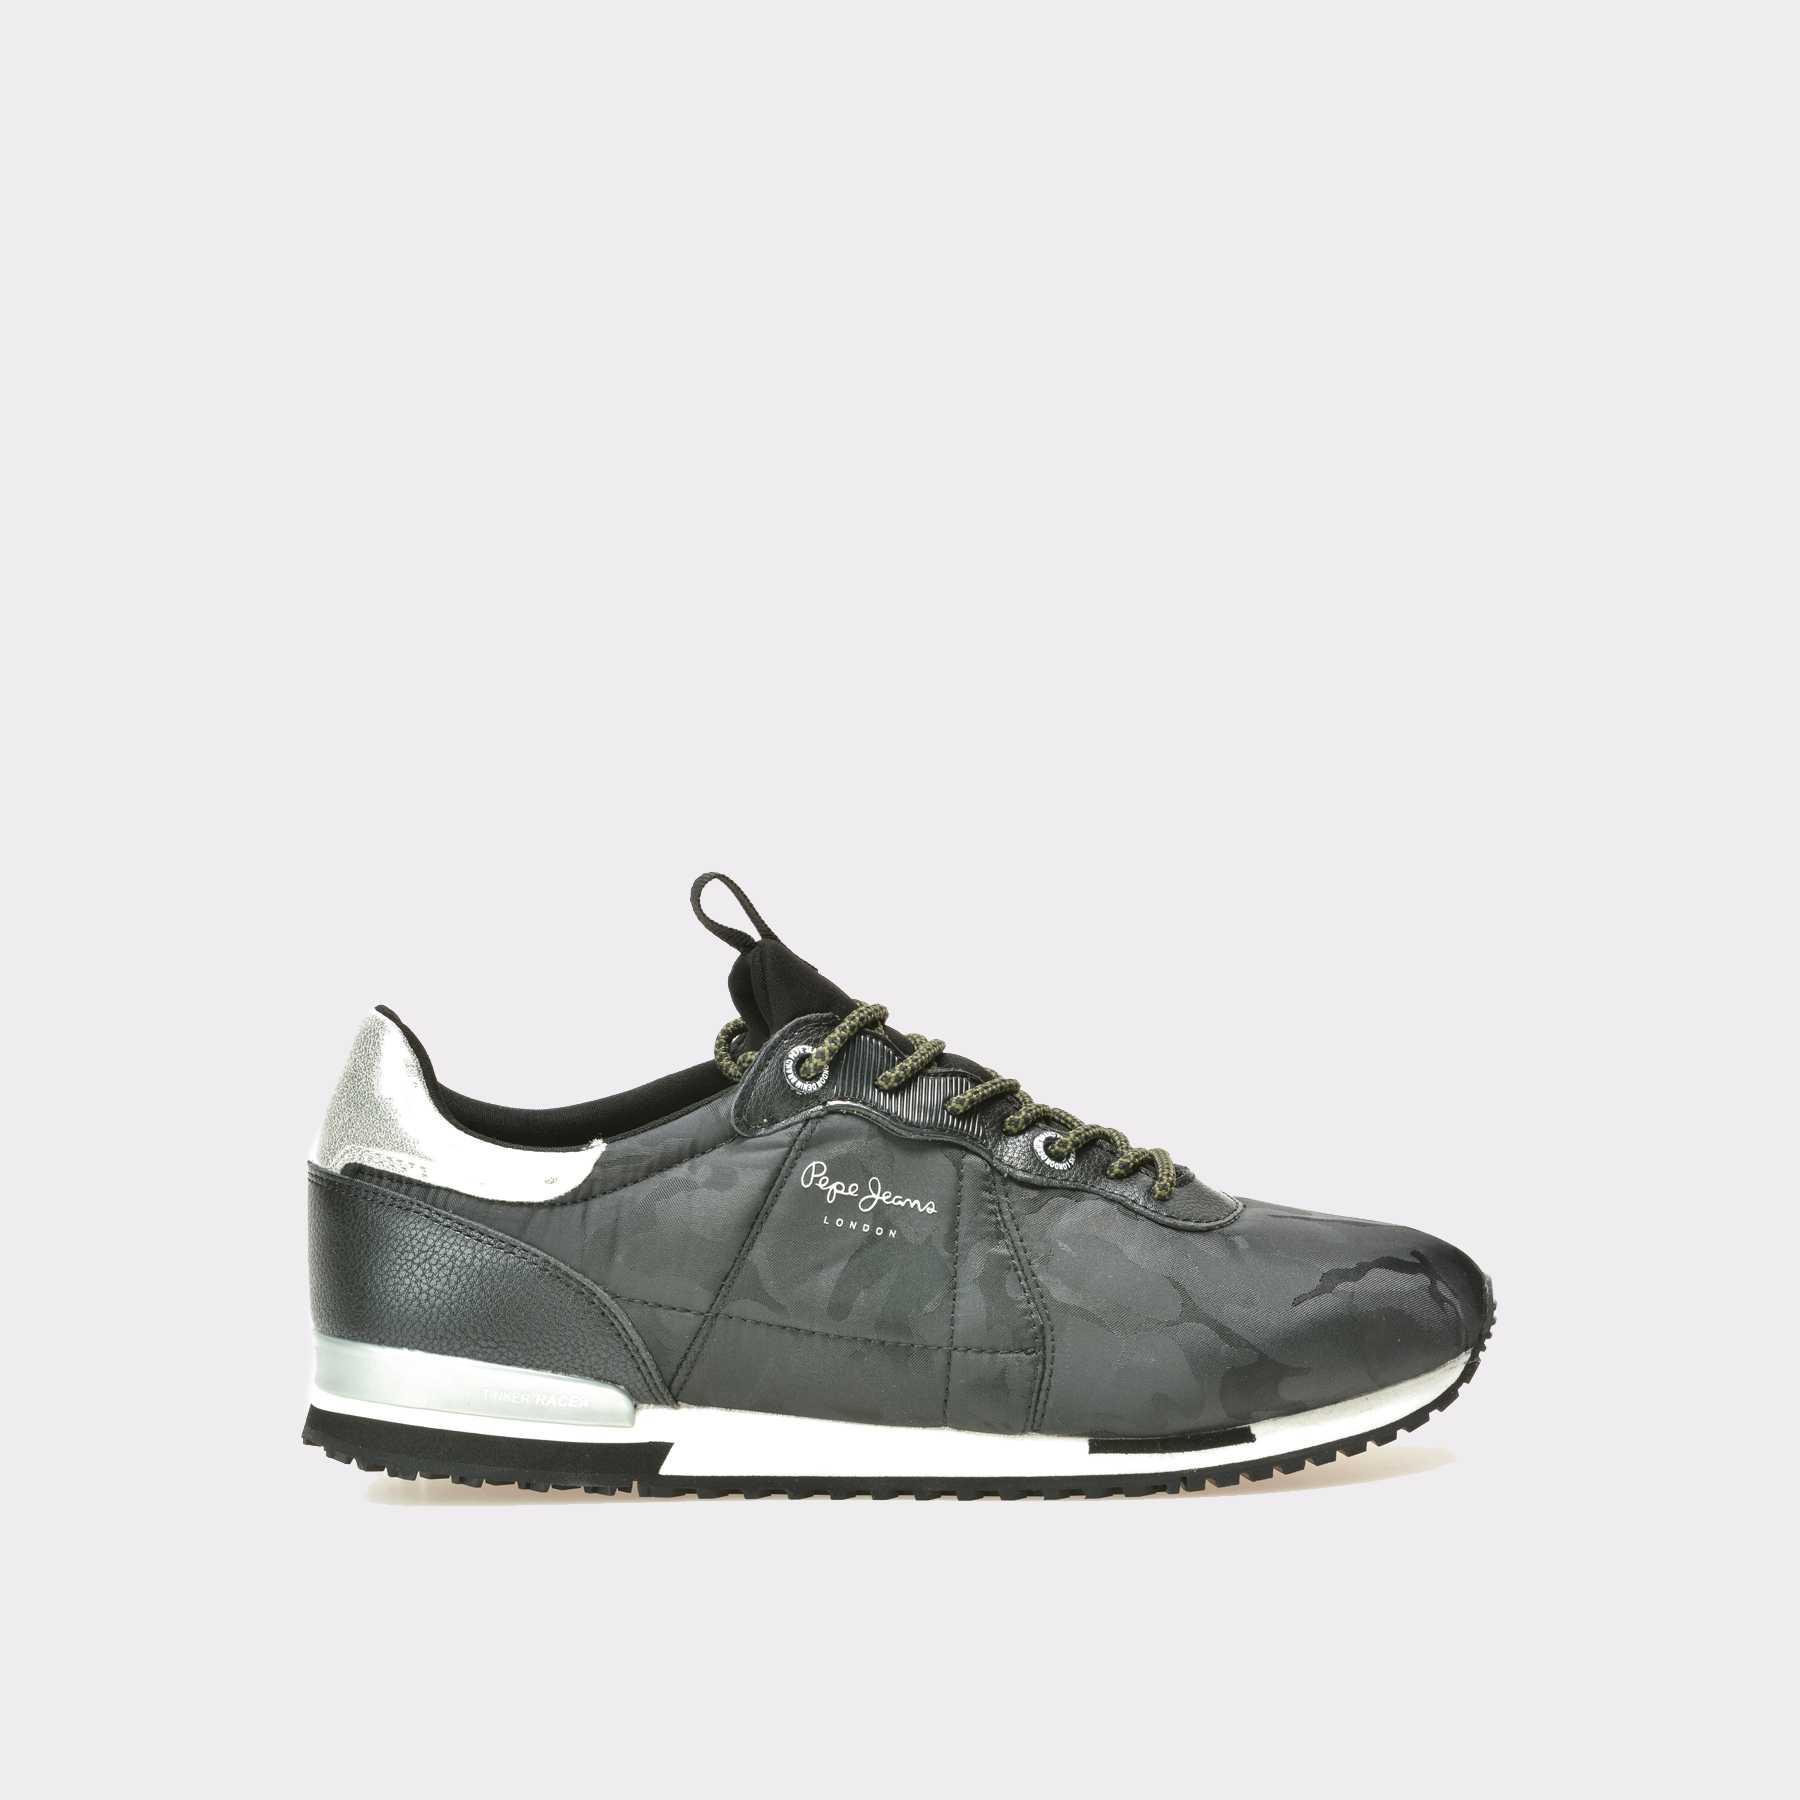 Pantofi barbati PEPE JEANS negri, Ms30379, din material textil